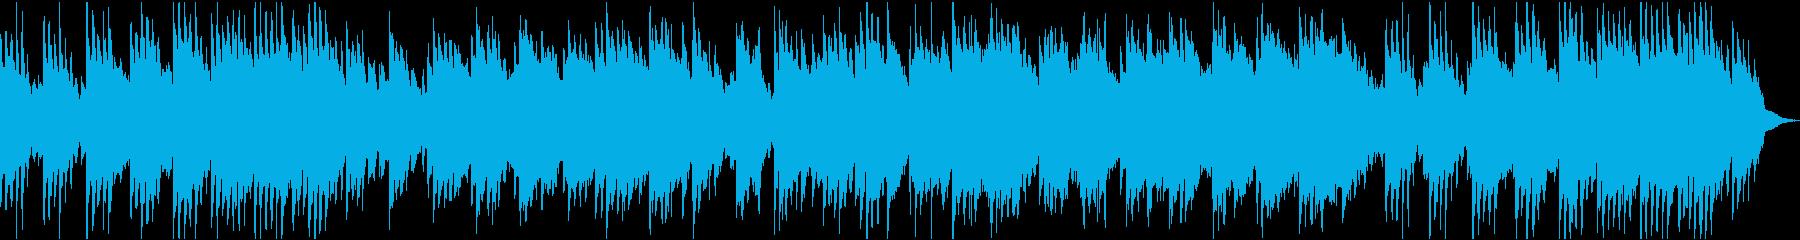 現代的 交響曲 室内楽 モダン ラ...の再生済みの波形